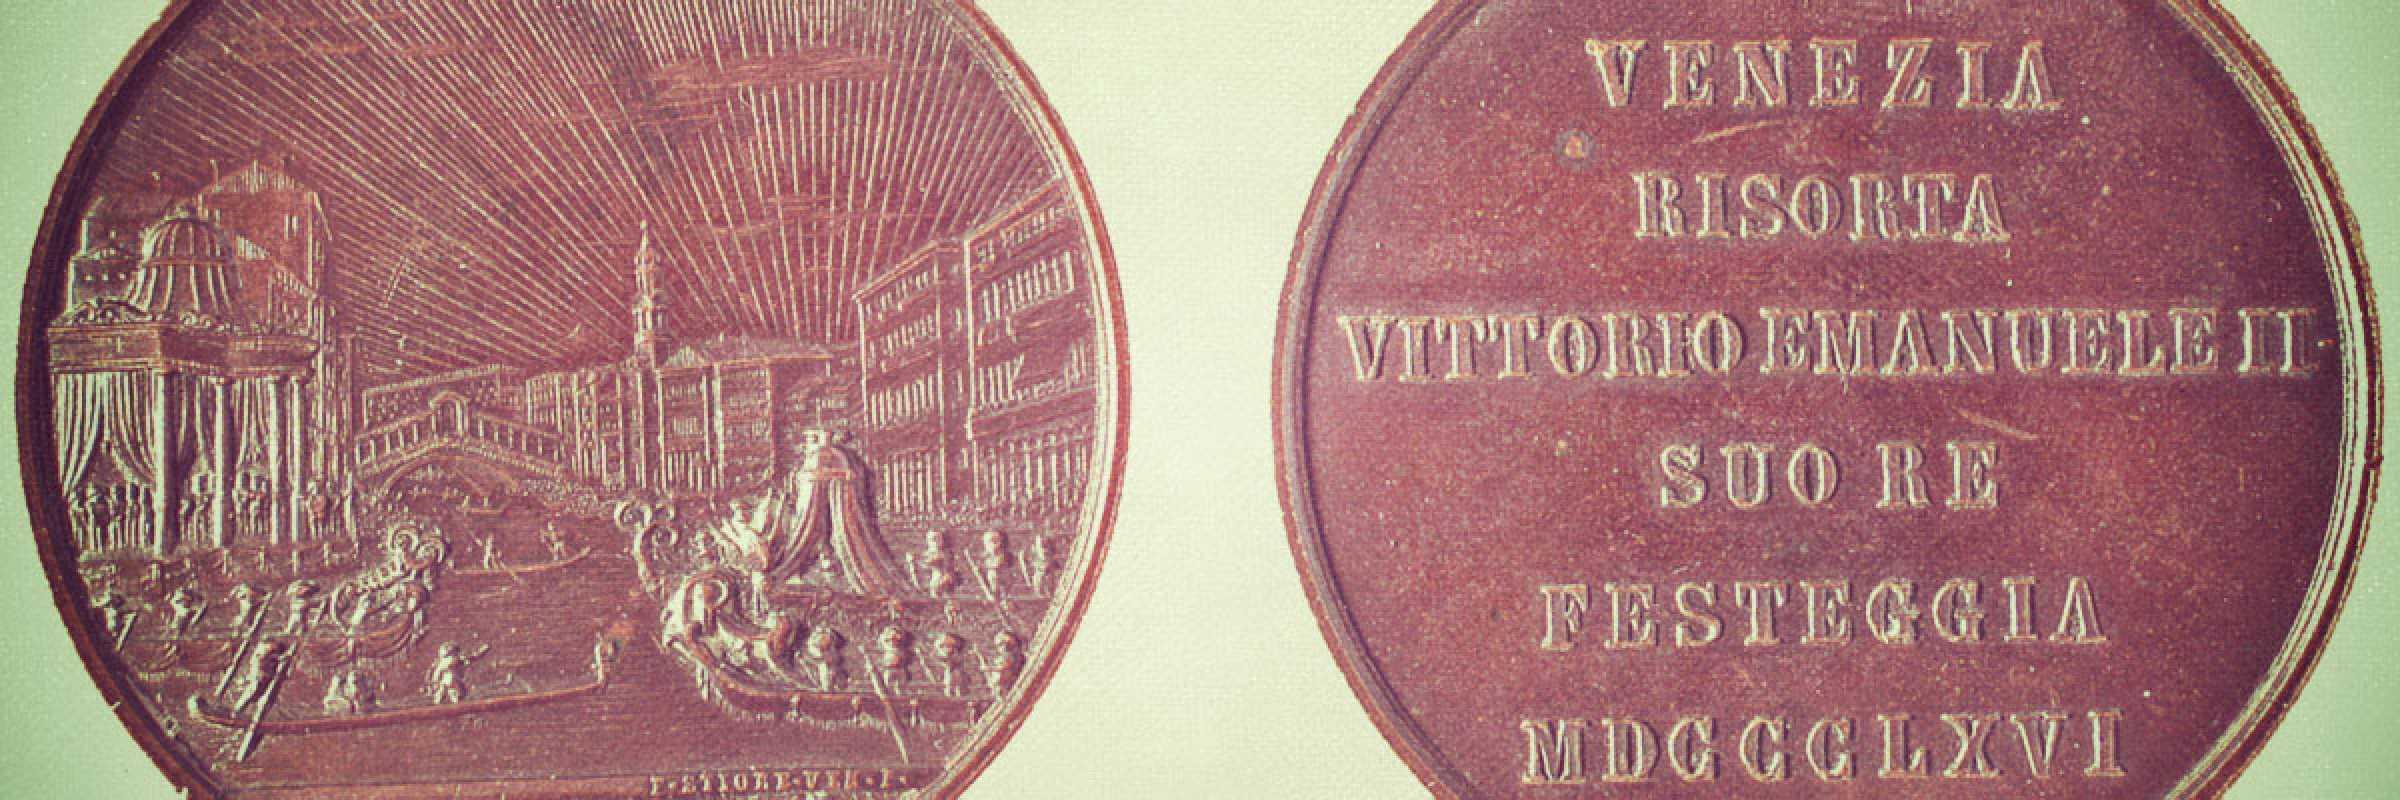 Medaglia celebrativa, Vittorio Emanuele, Venezia